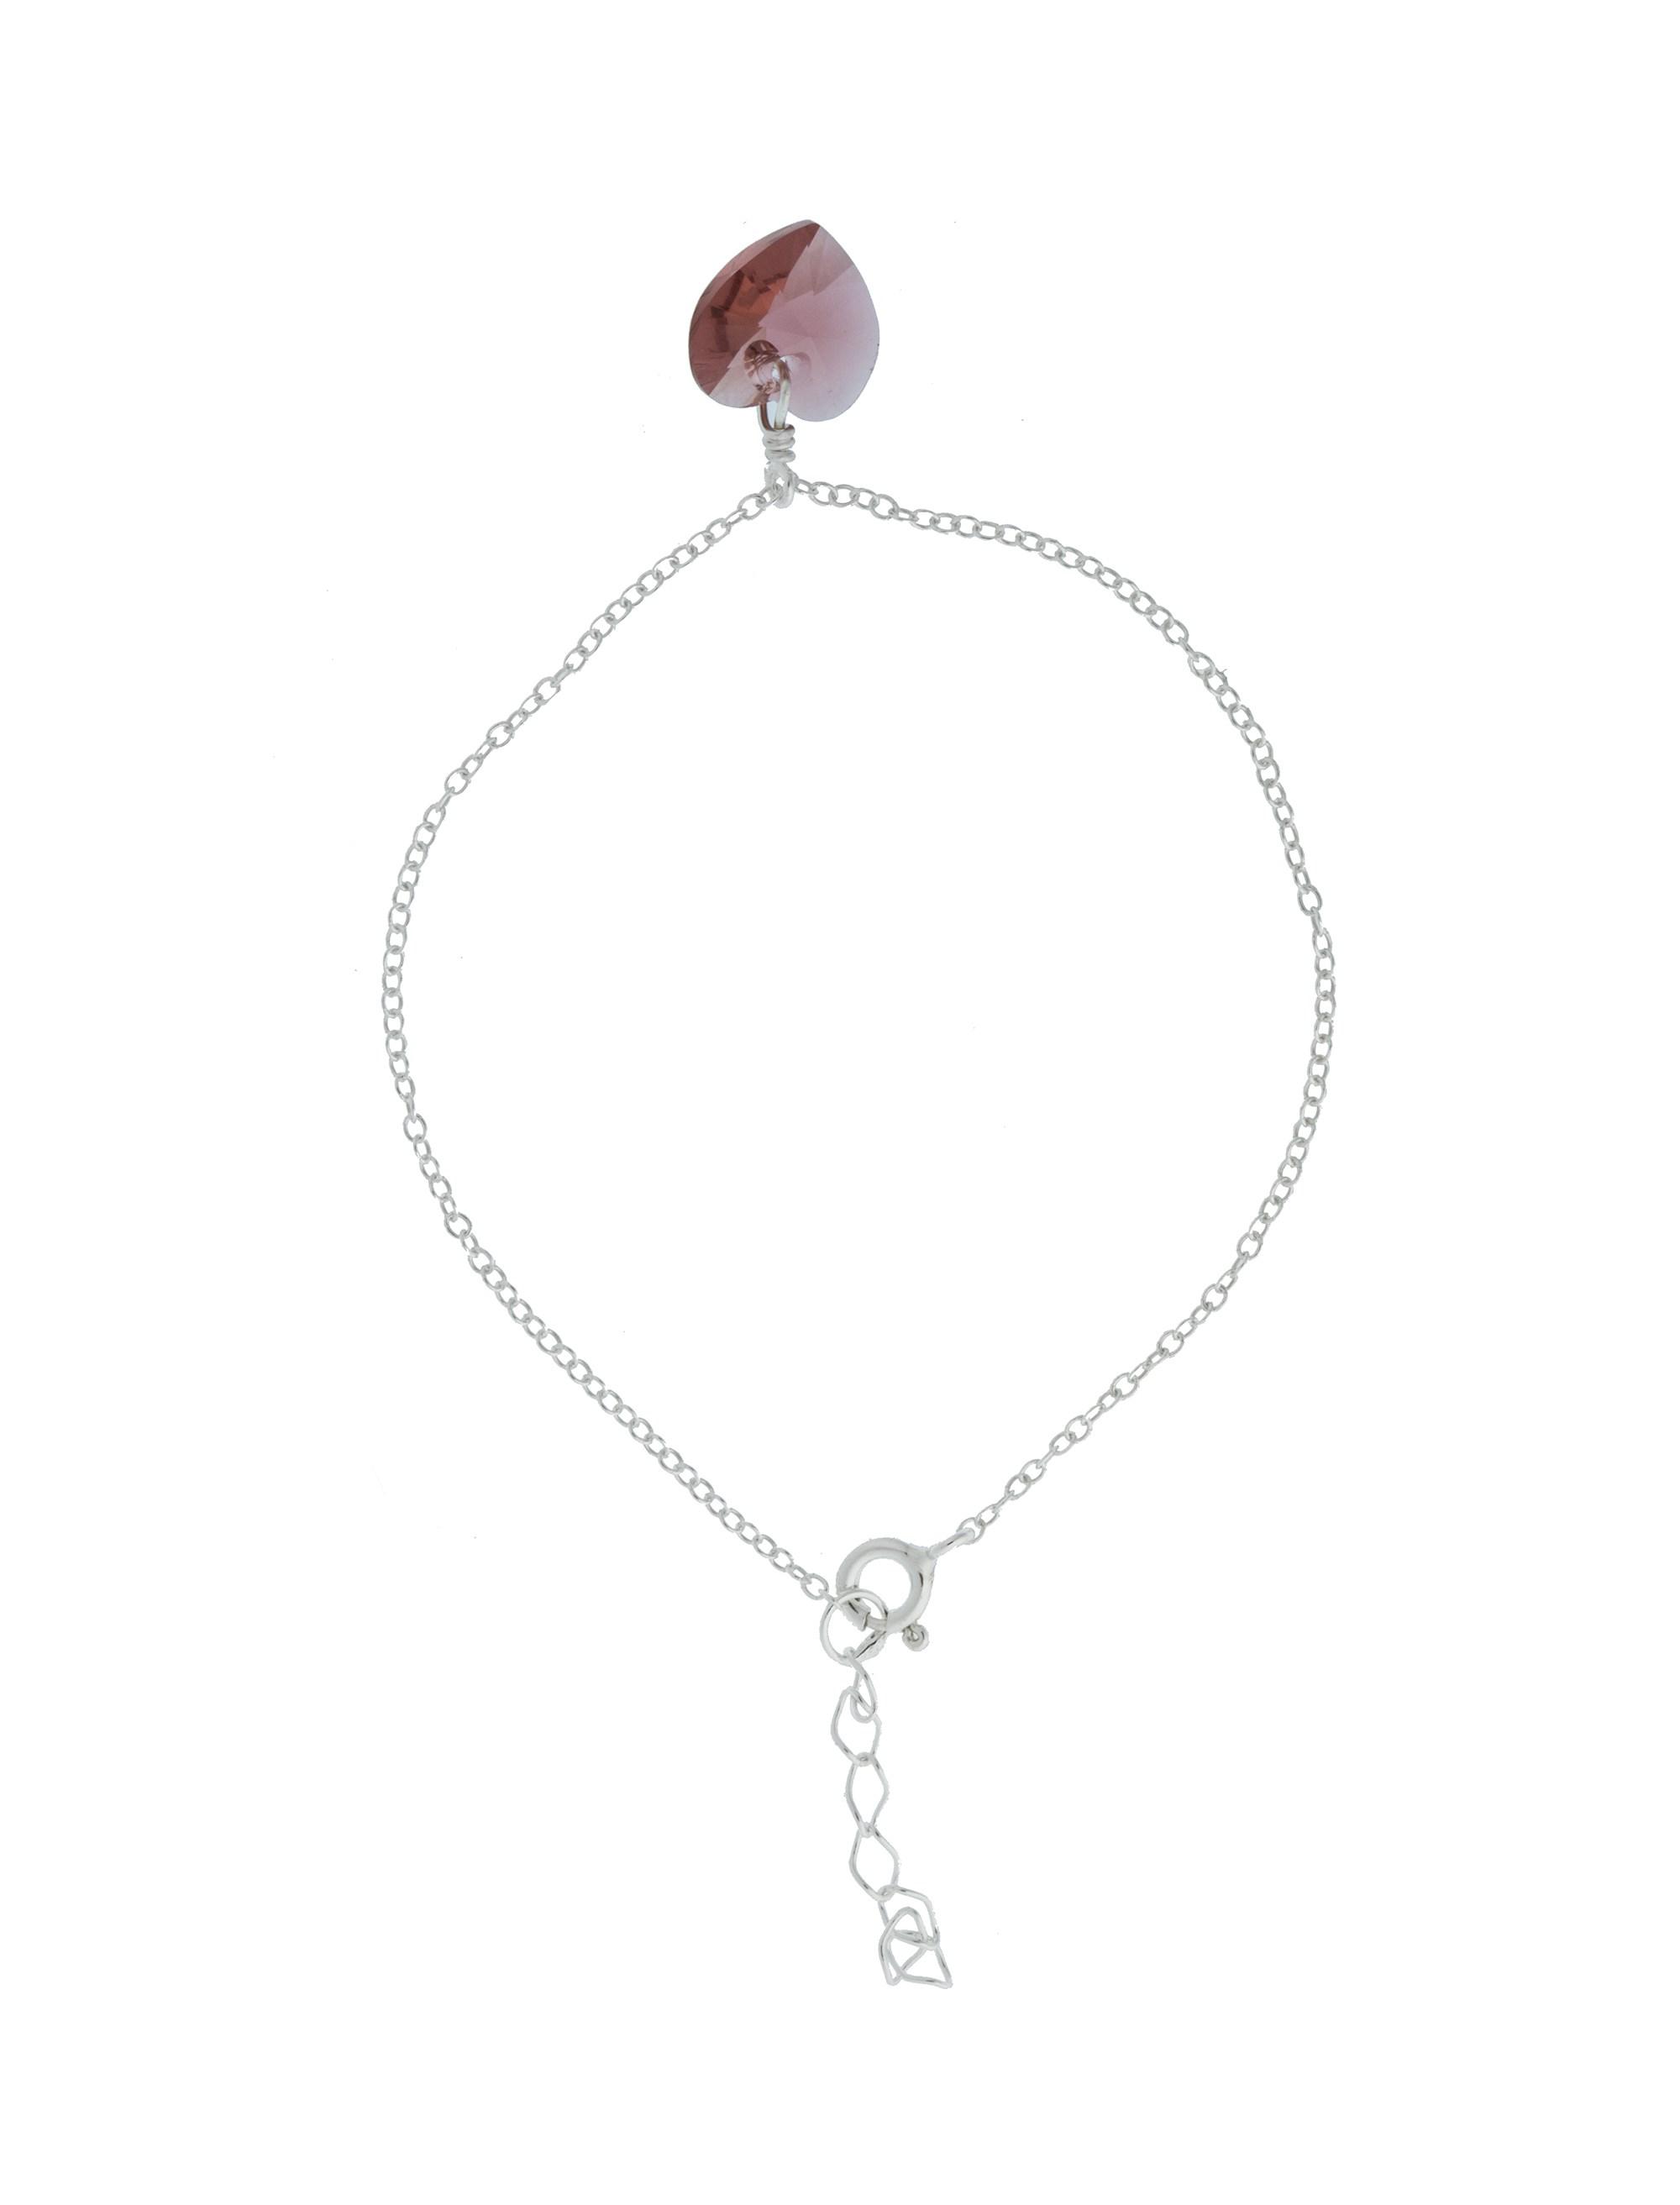 دستبند استیل قفل دار زنانه - اکسسوریز